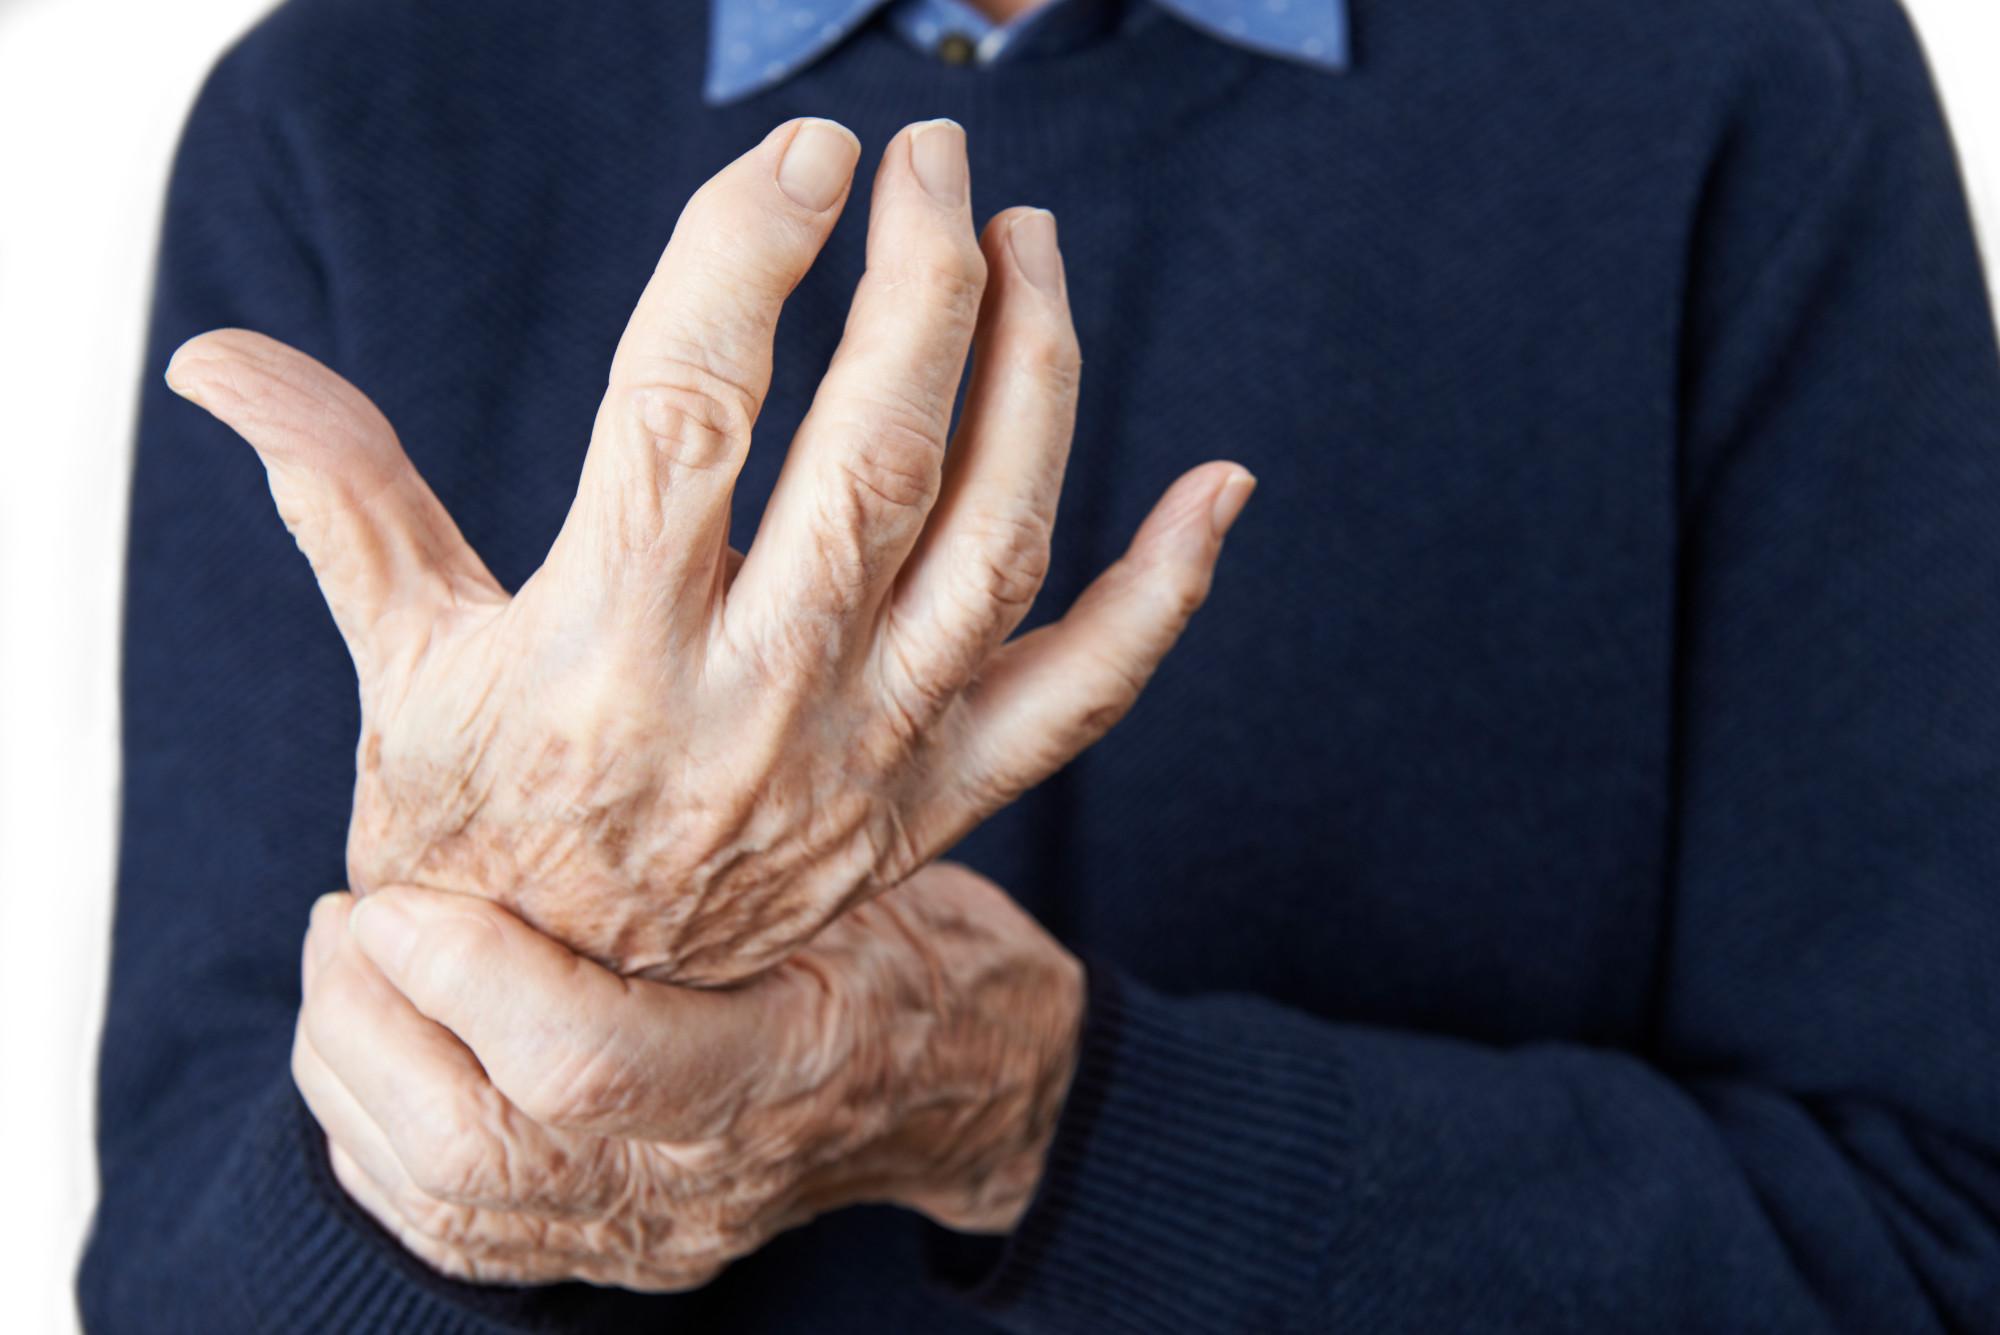 osteoarthritis vs osteoporosis